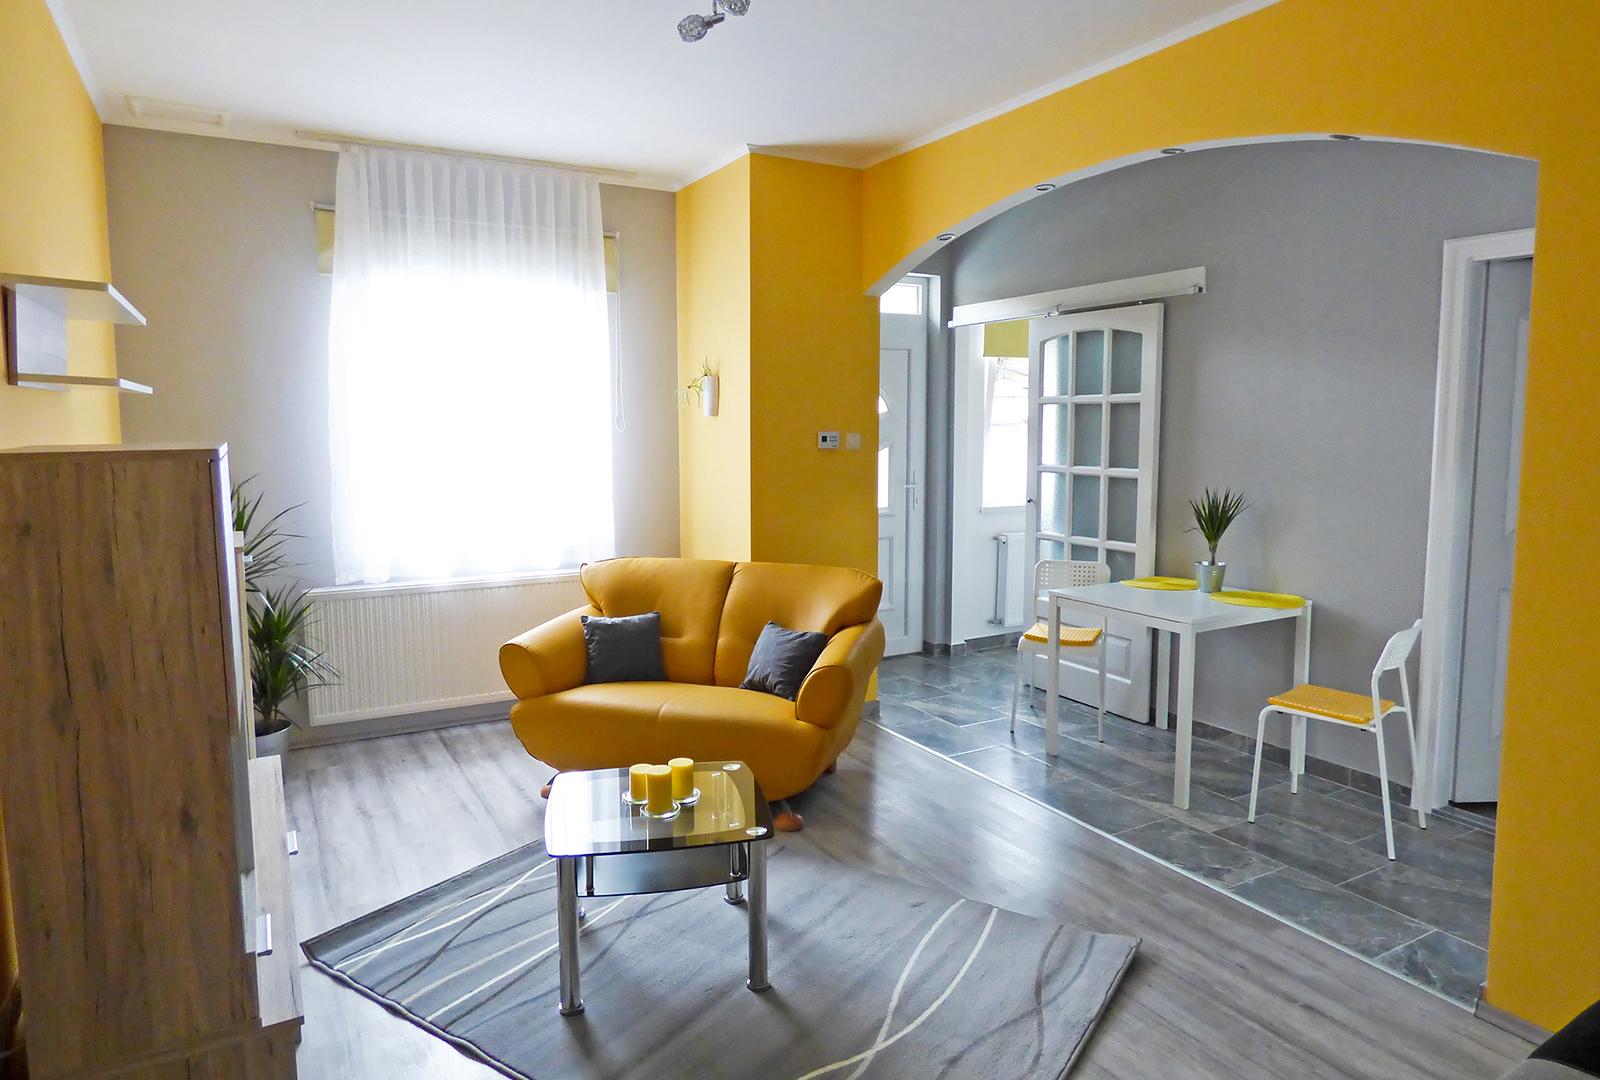 Nagy Lajos király úti ingatlan, 32 m² – Lakás